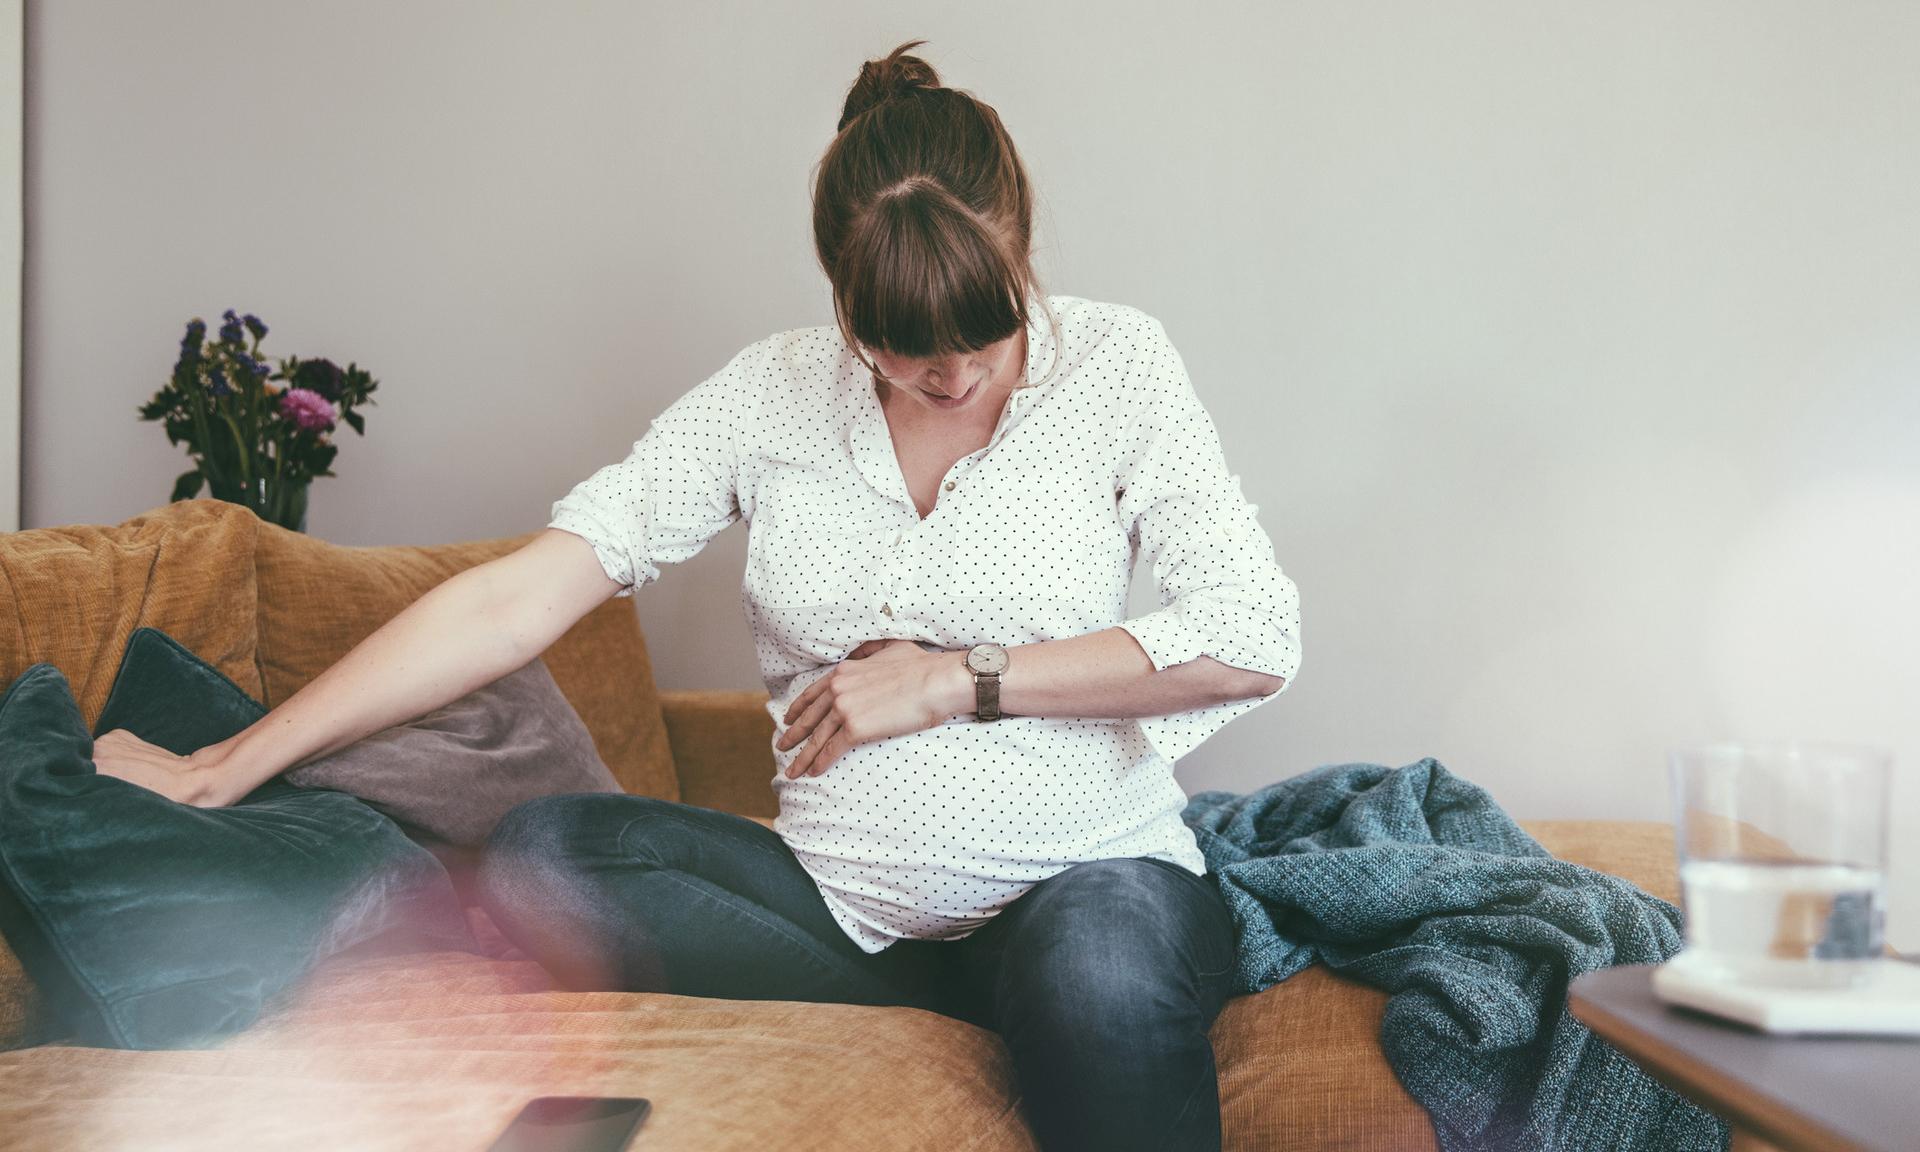 Маловодие при беременности: причины и последствия для мамы и ребенка